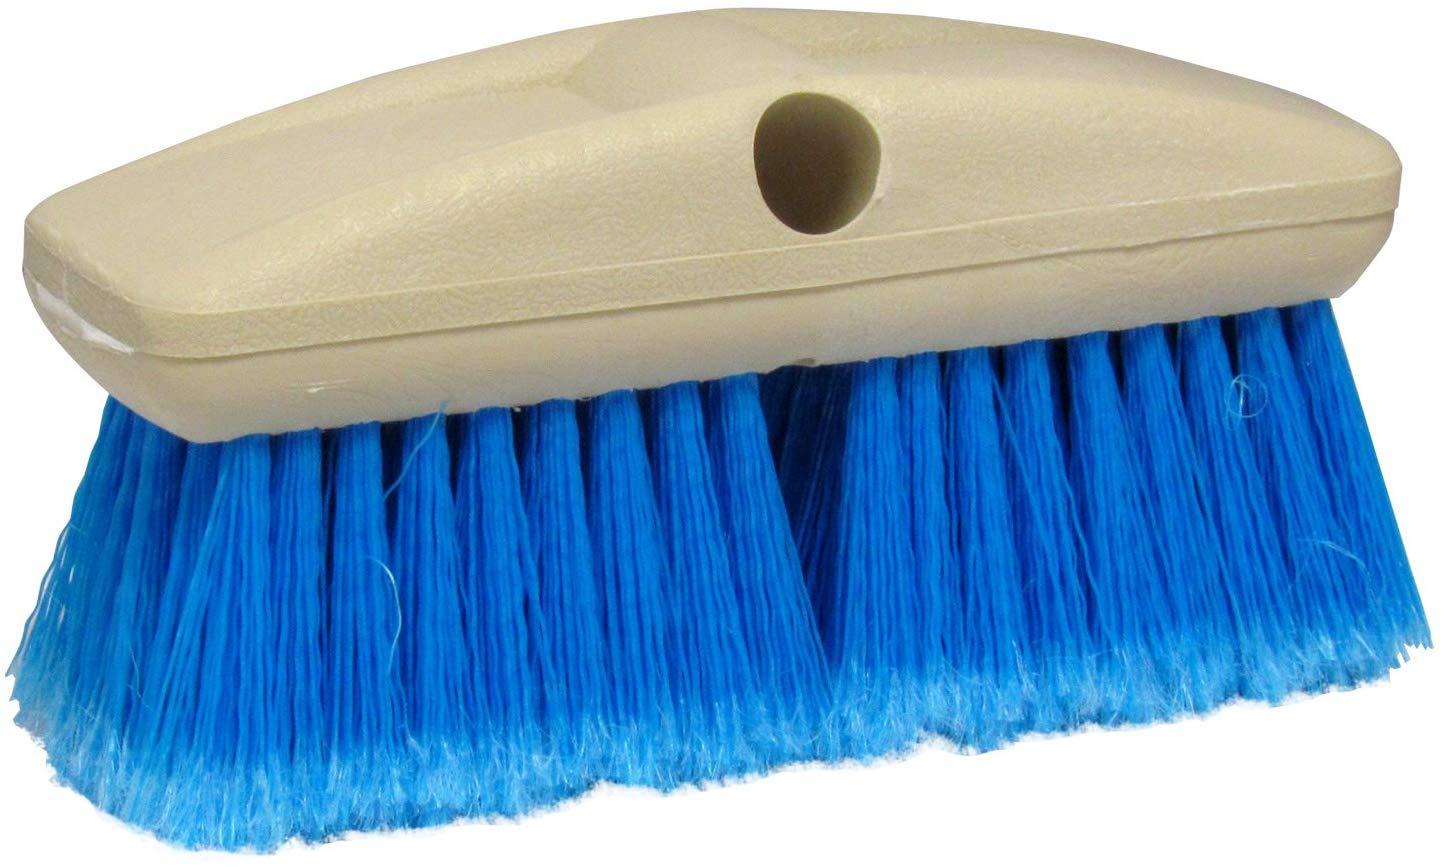 Blue / Yellow Wash Brush